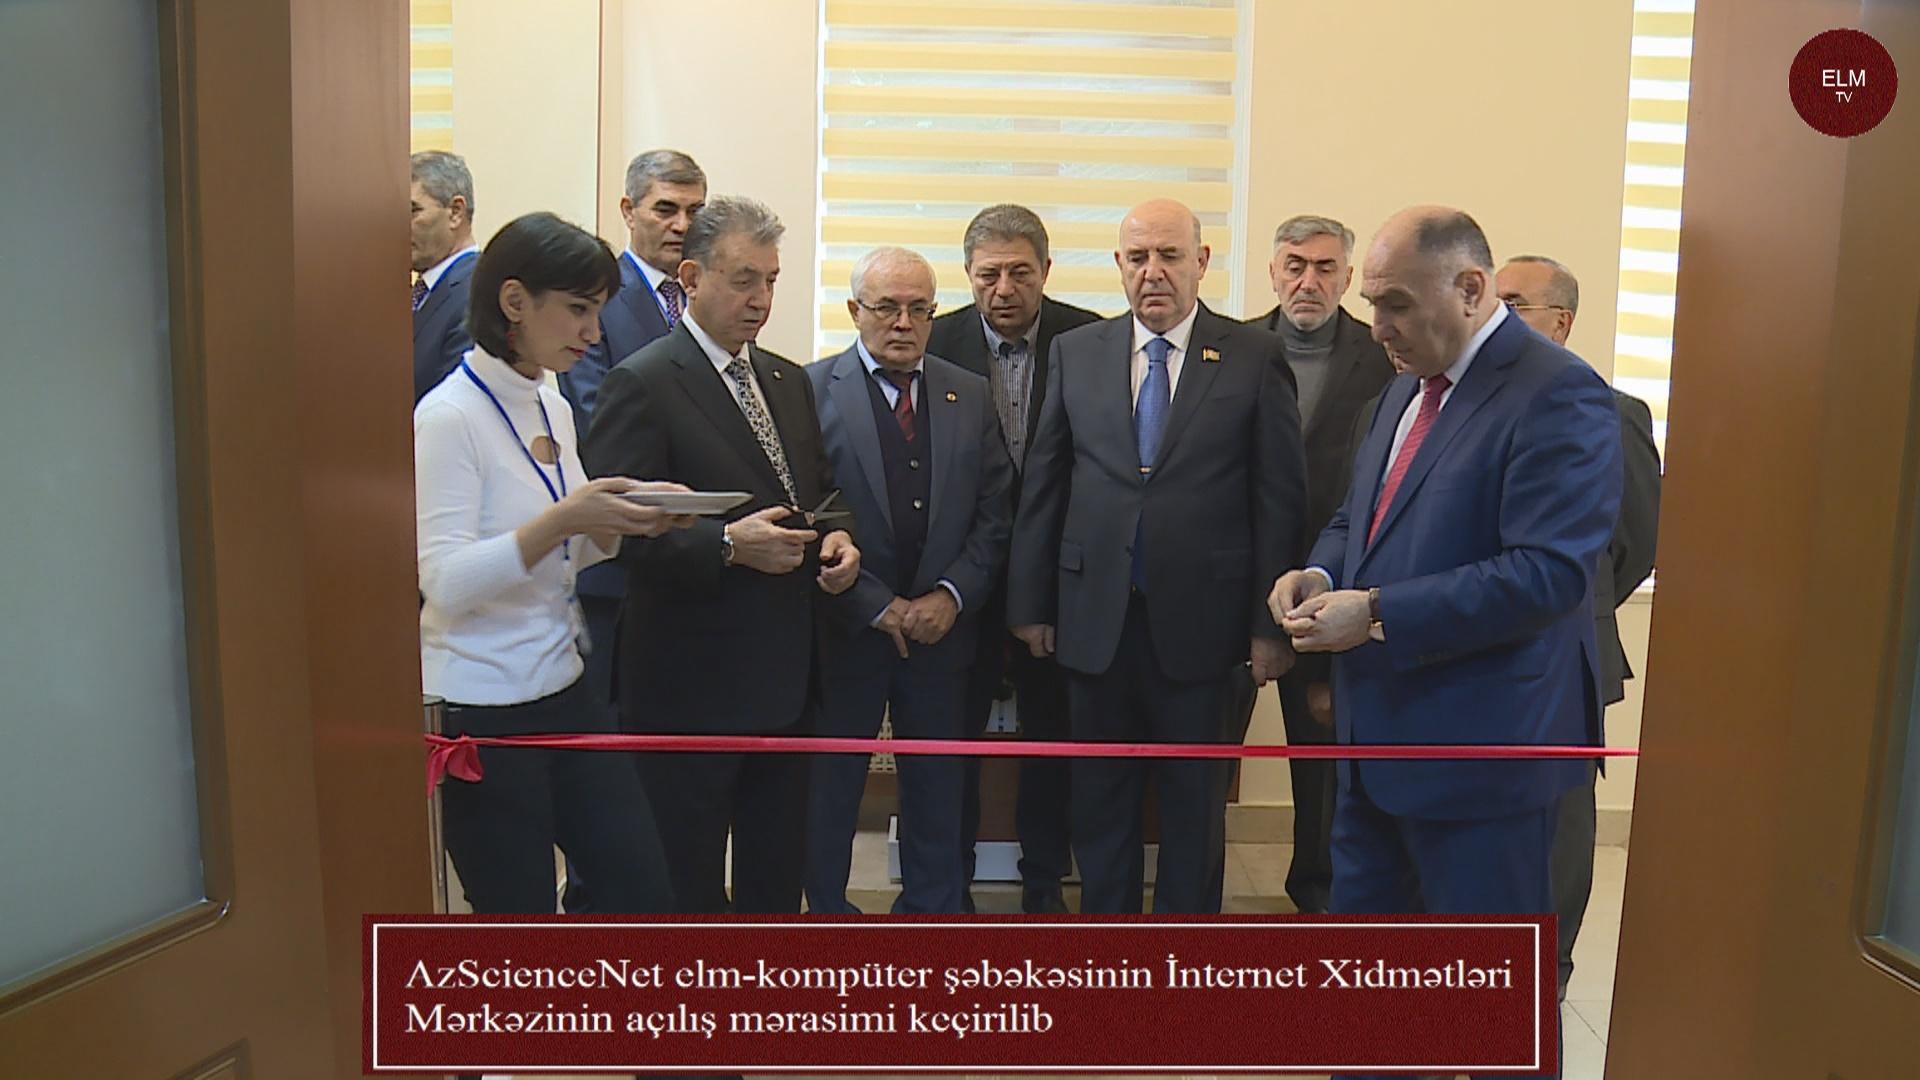 AzScienceNet elm-kompüter şəbəkəsinin İnternet Xidmətləri Mərkəzinin açılış mərasimi keçirilib